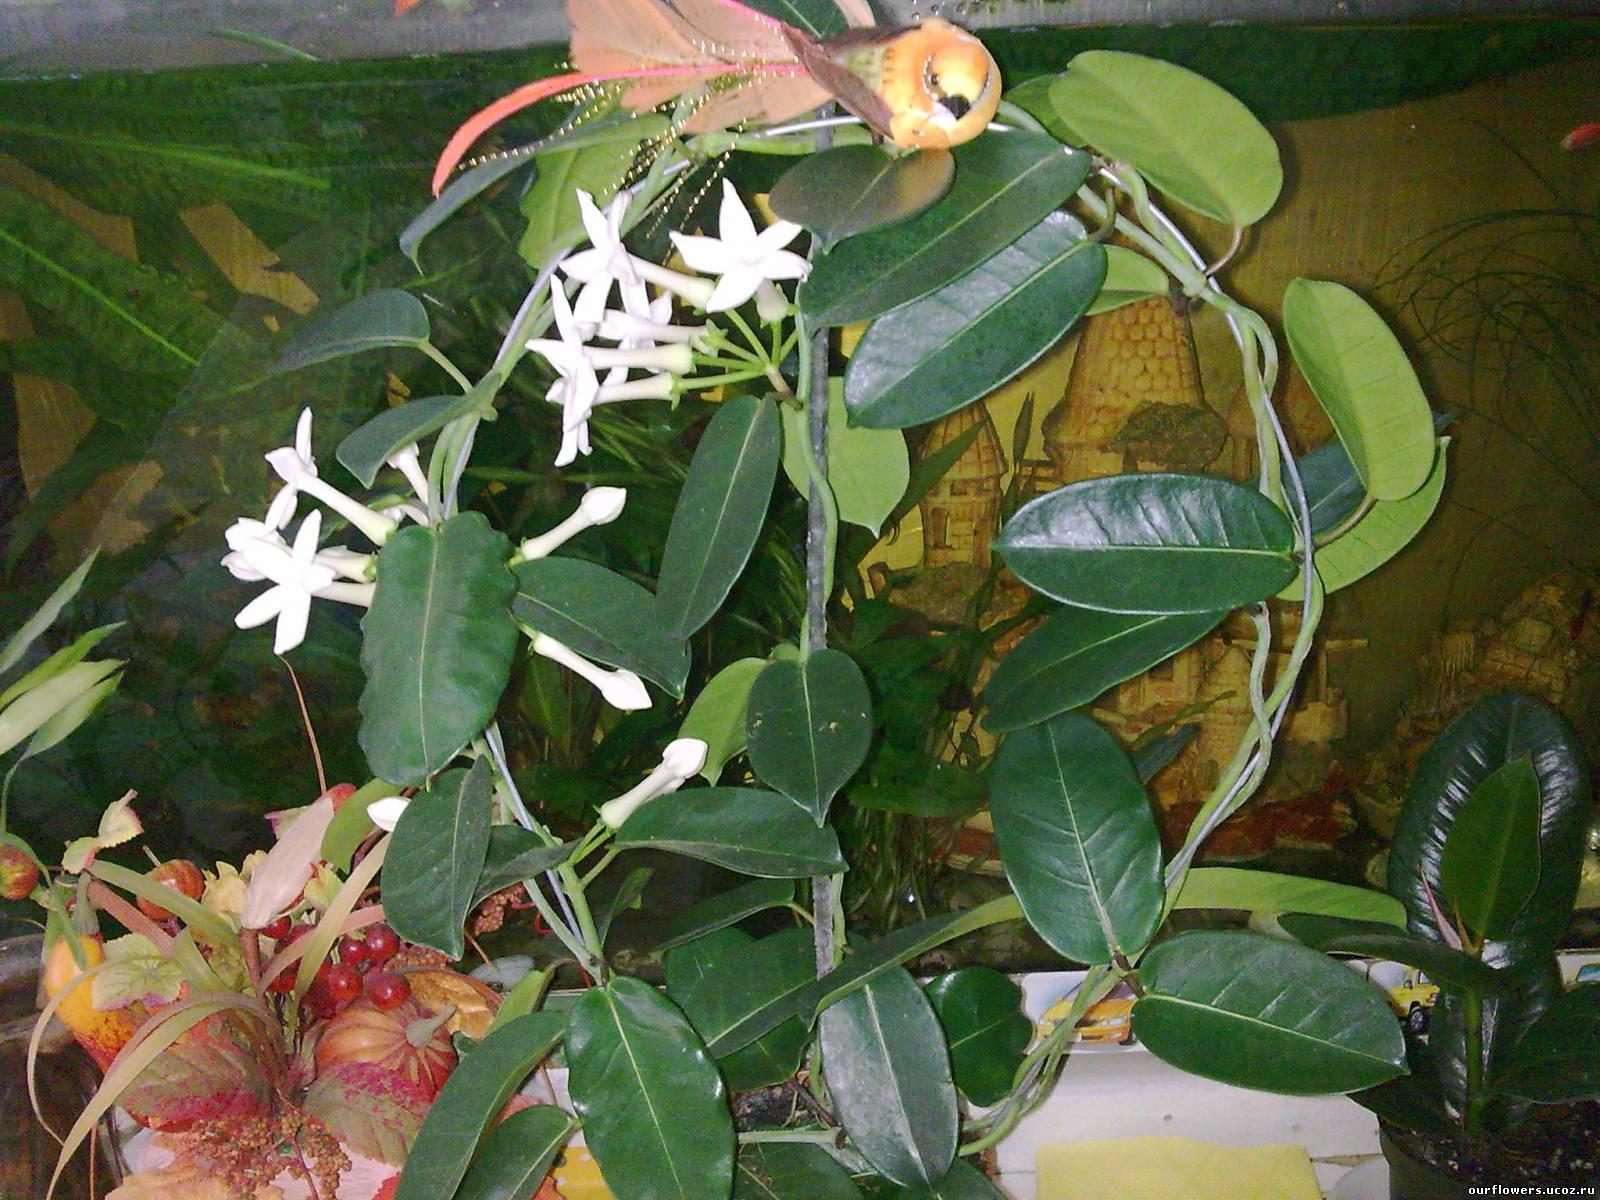 Фотография 1 25 02 2012 что это erikzair 1616 0 3 6